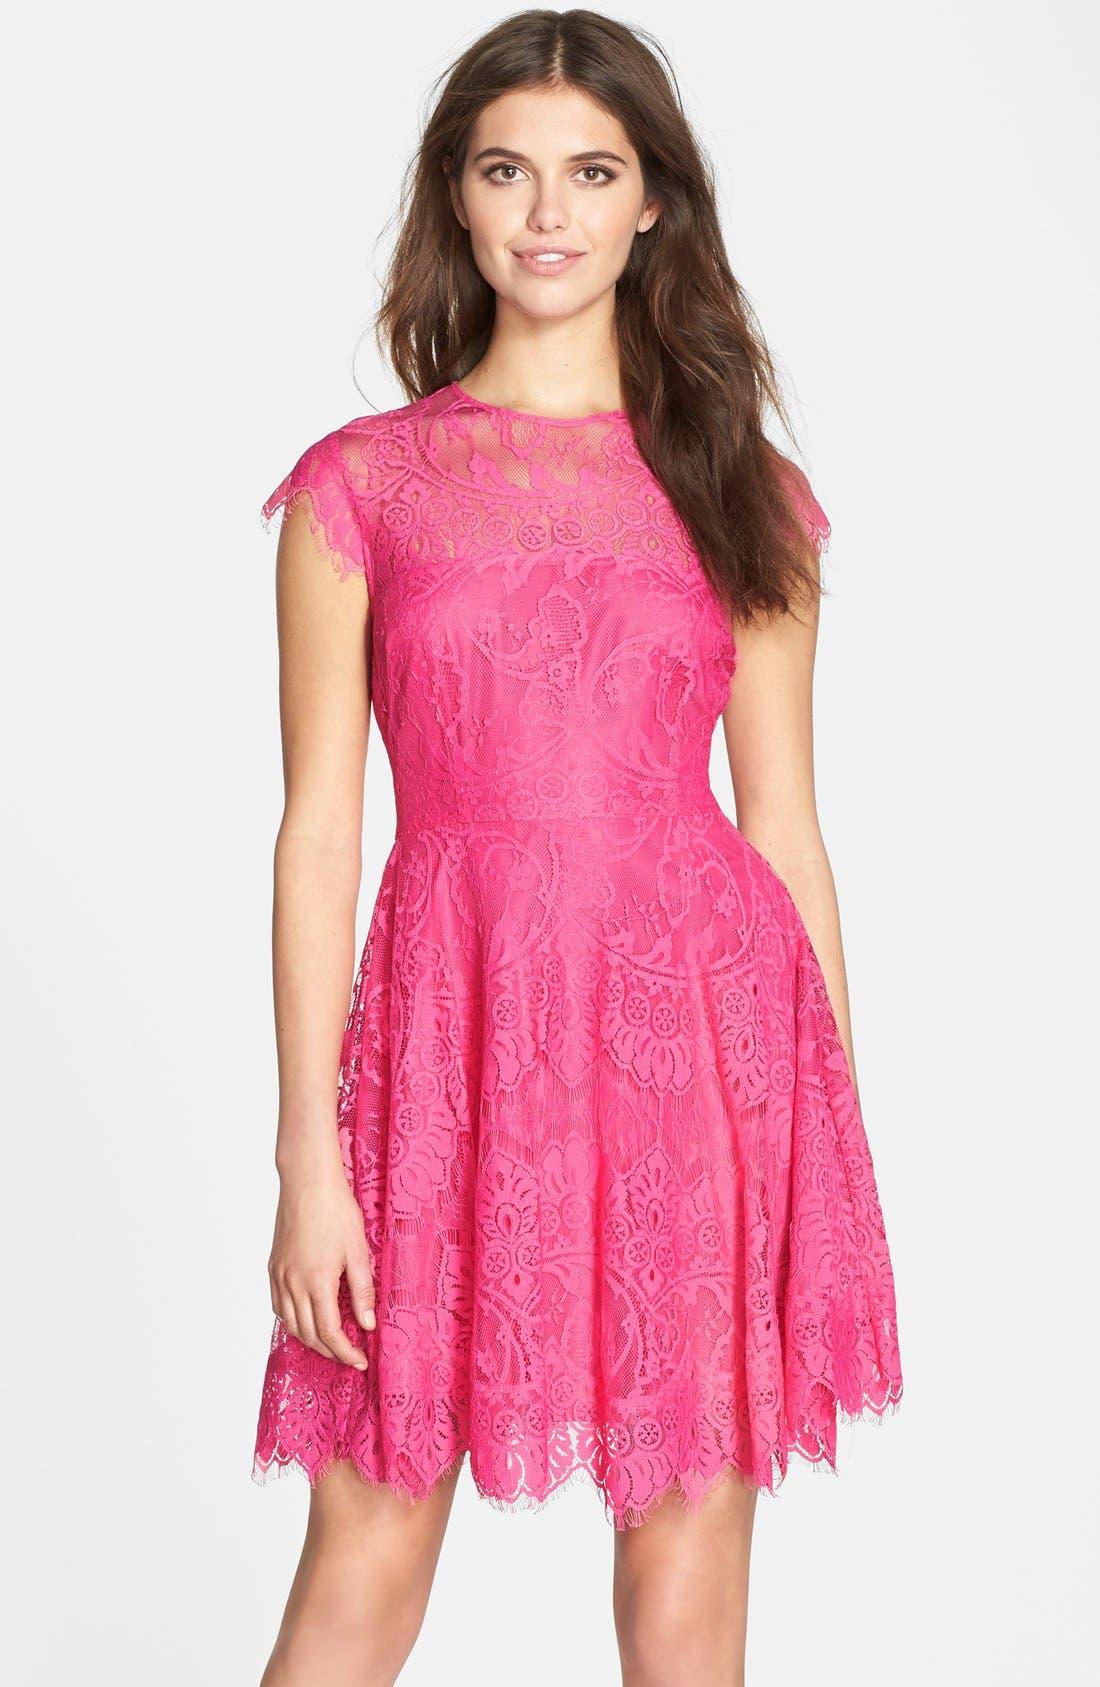 'Rhianna' Illusion Yoke Lace Fit & Flare Dress,                         Main,                         color, Fuchsia/ Rose